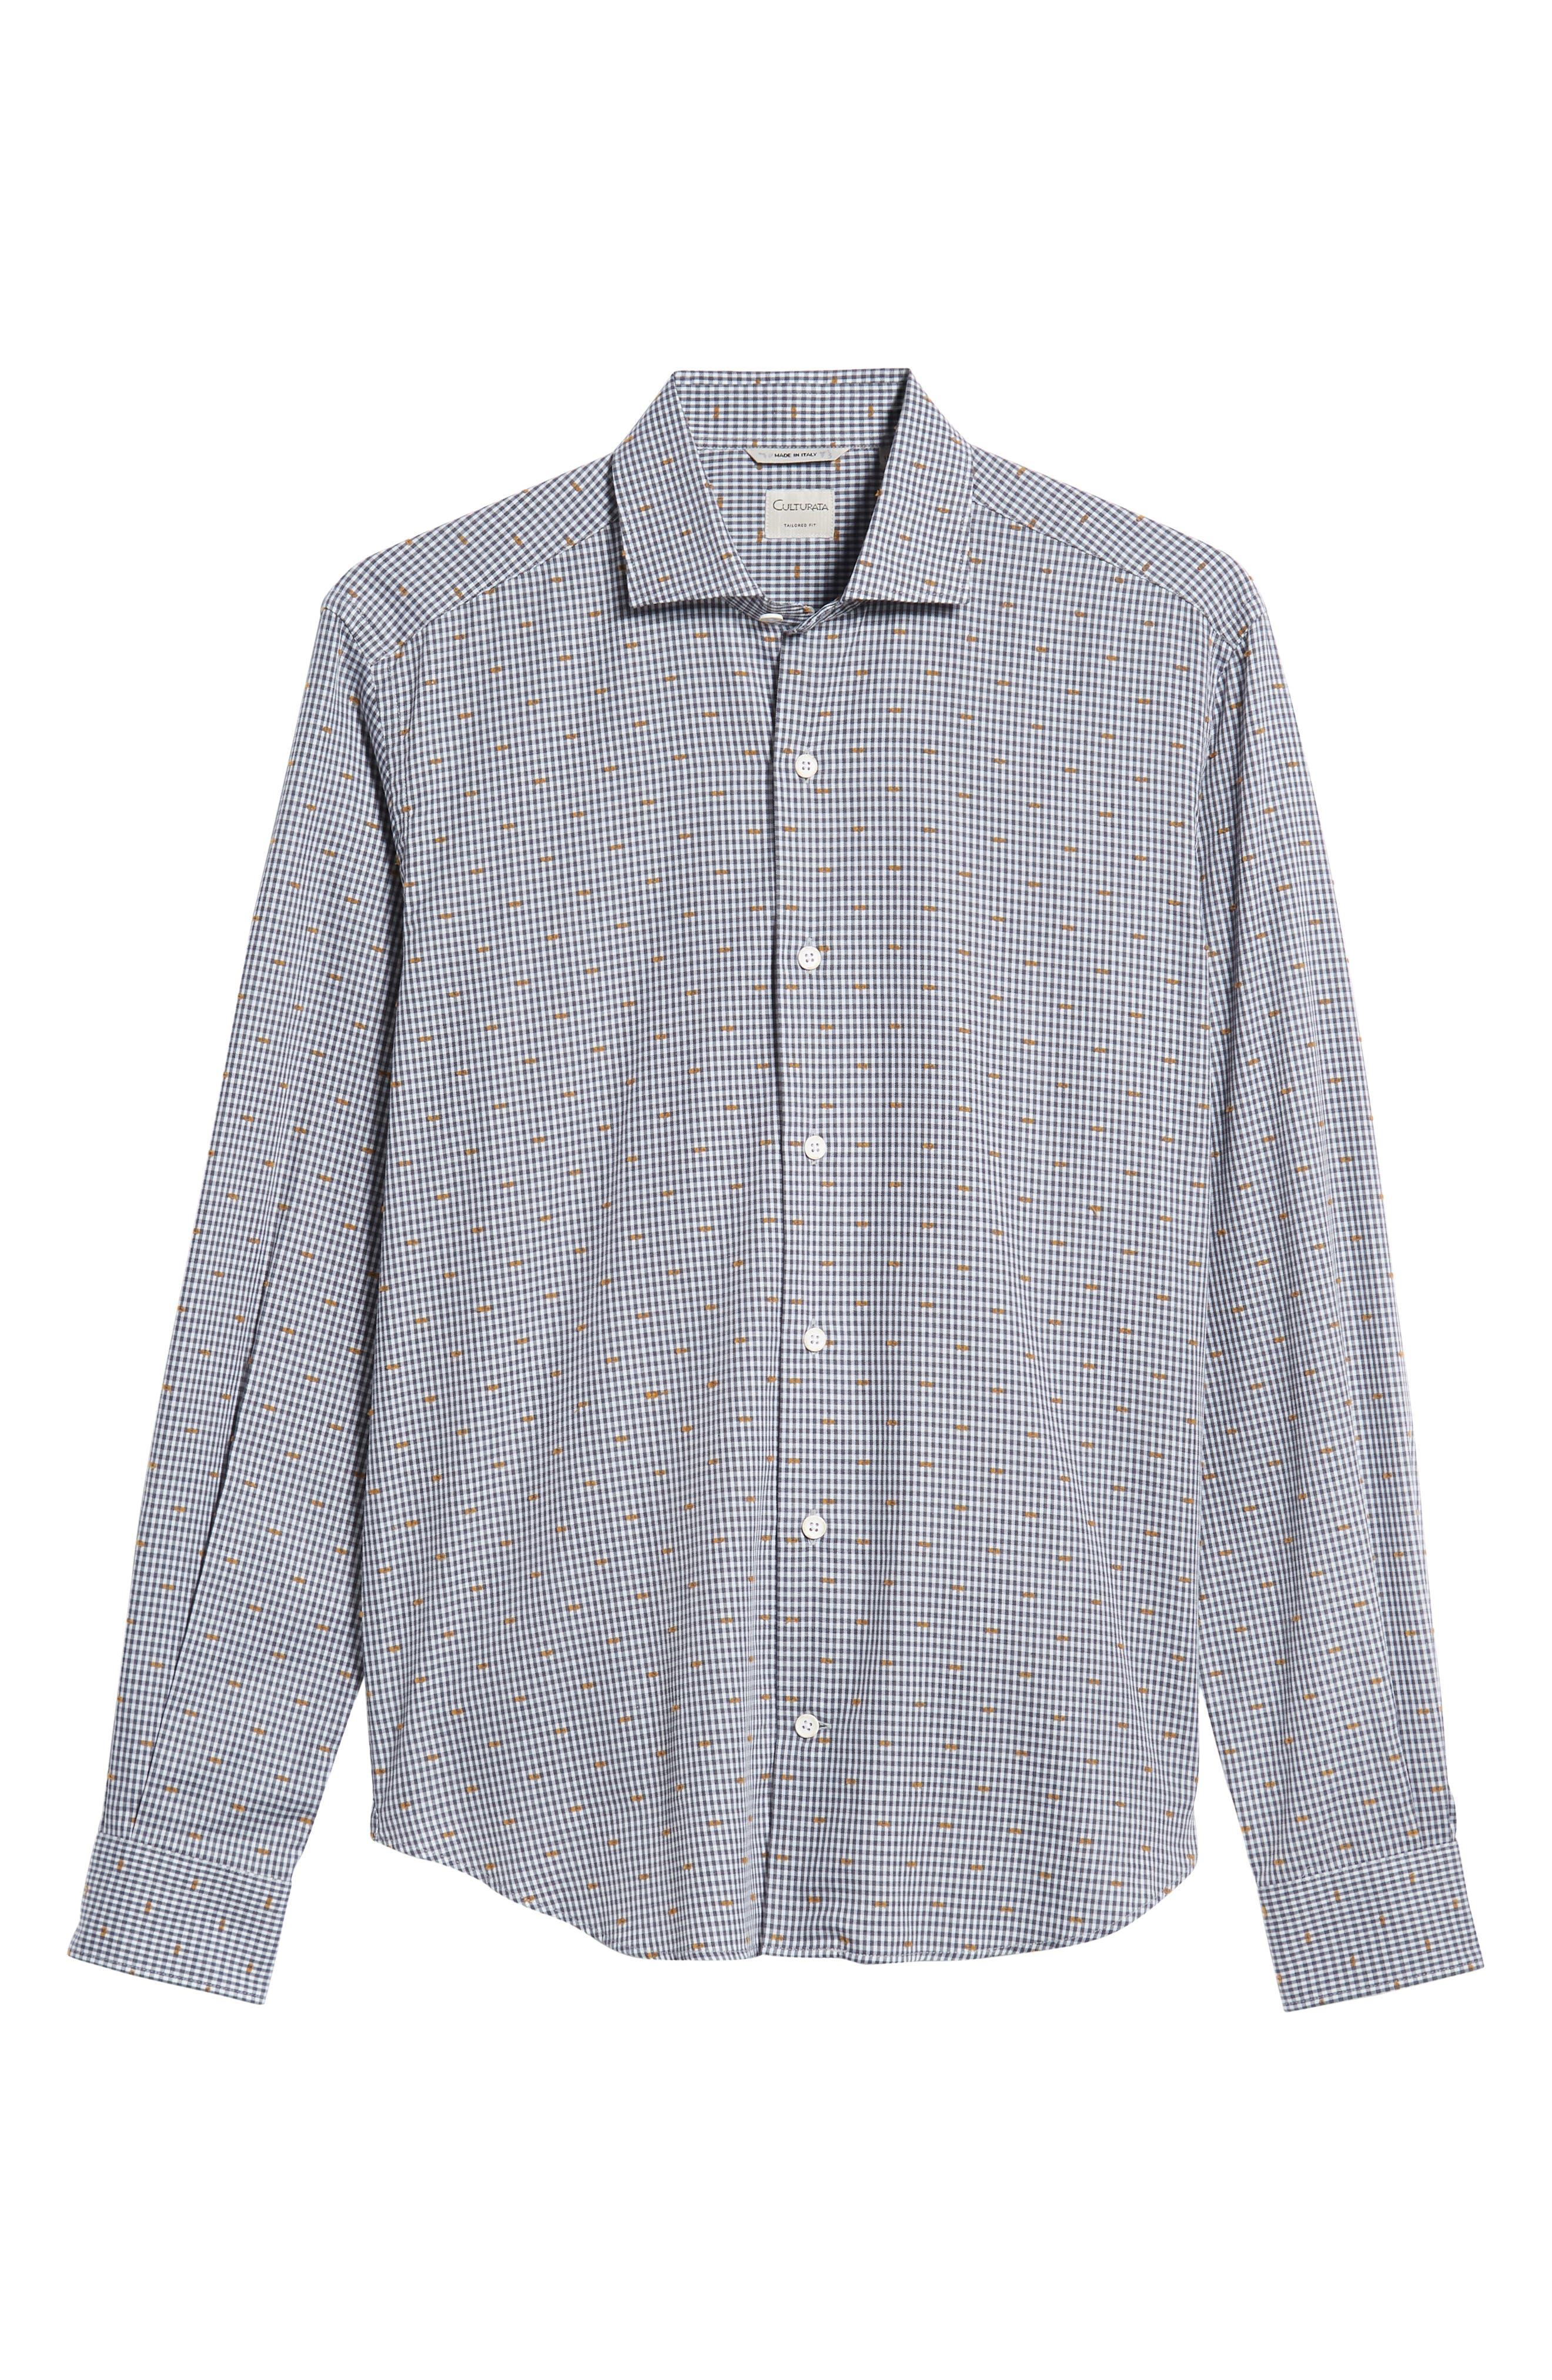 CULTURATA,                             Coupé Dot Tailored Fit Gingham Sport Shirt,                             Alternate thumbnail 5, color,                             020